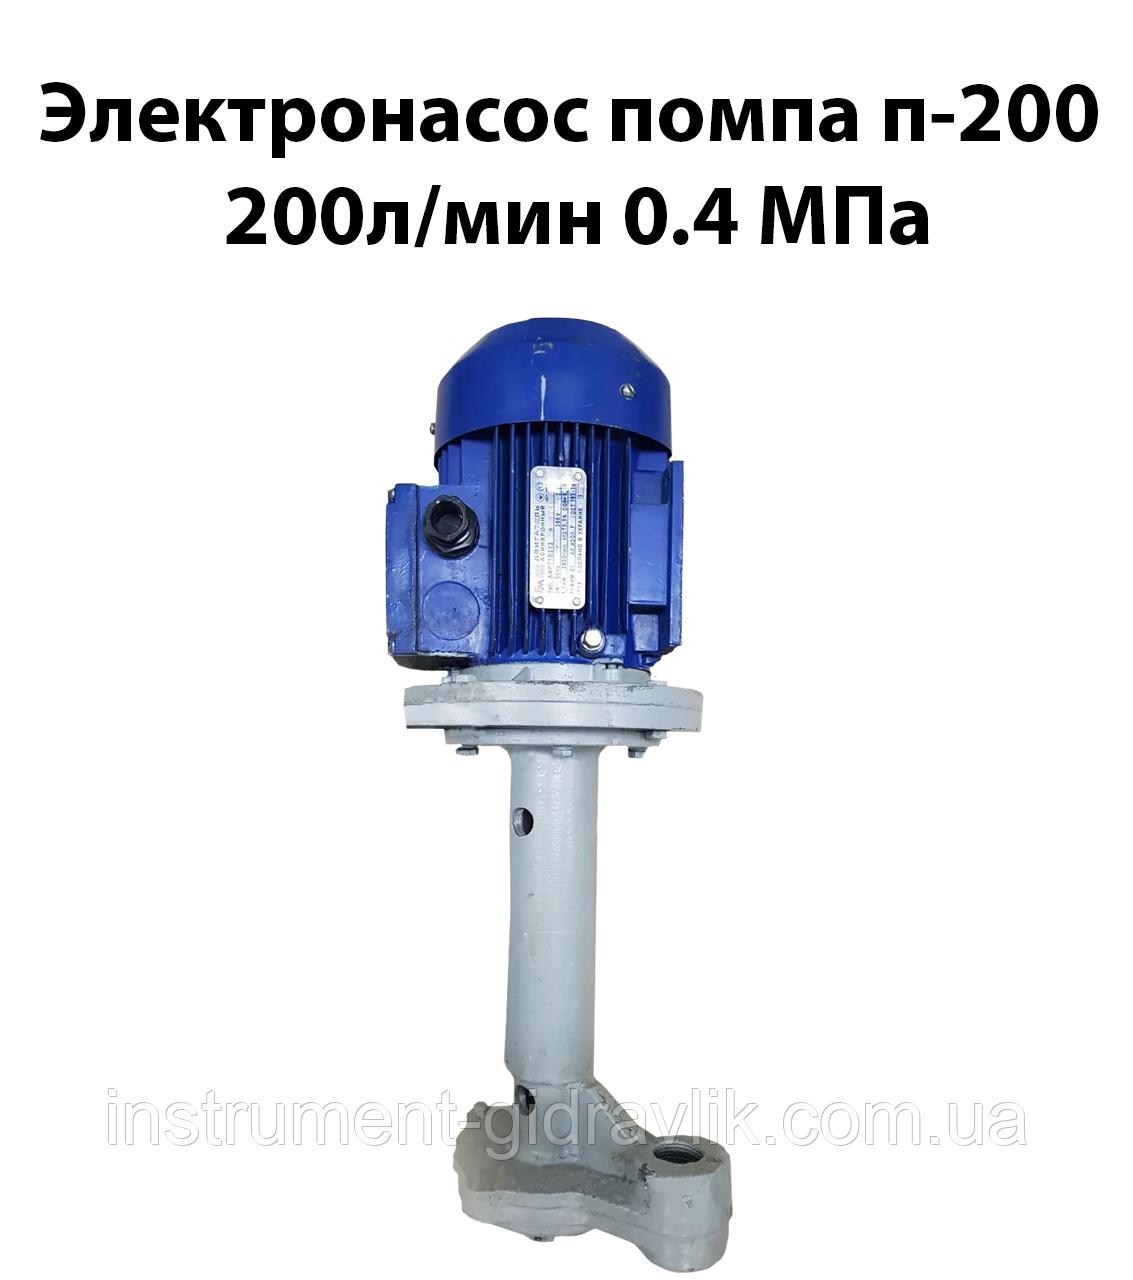 Электронасос помпа П-200 200 л/мин 0,4 МПа